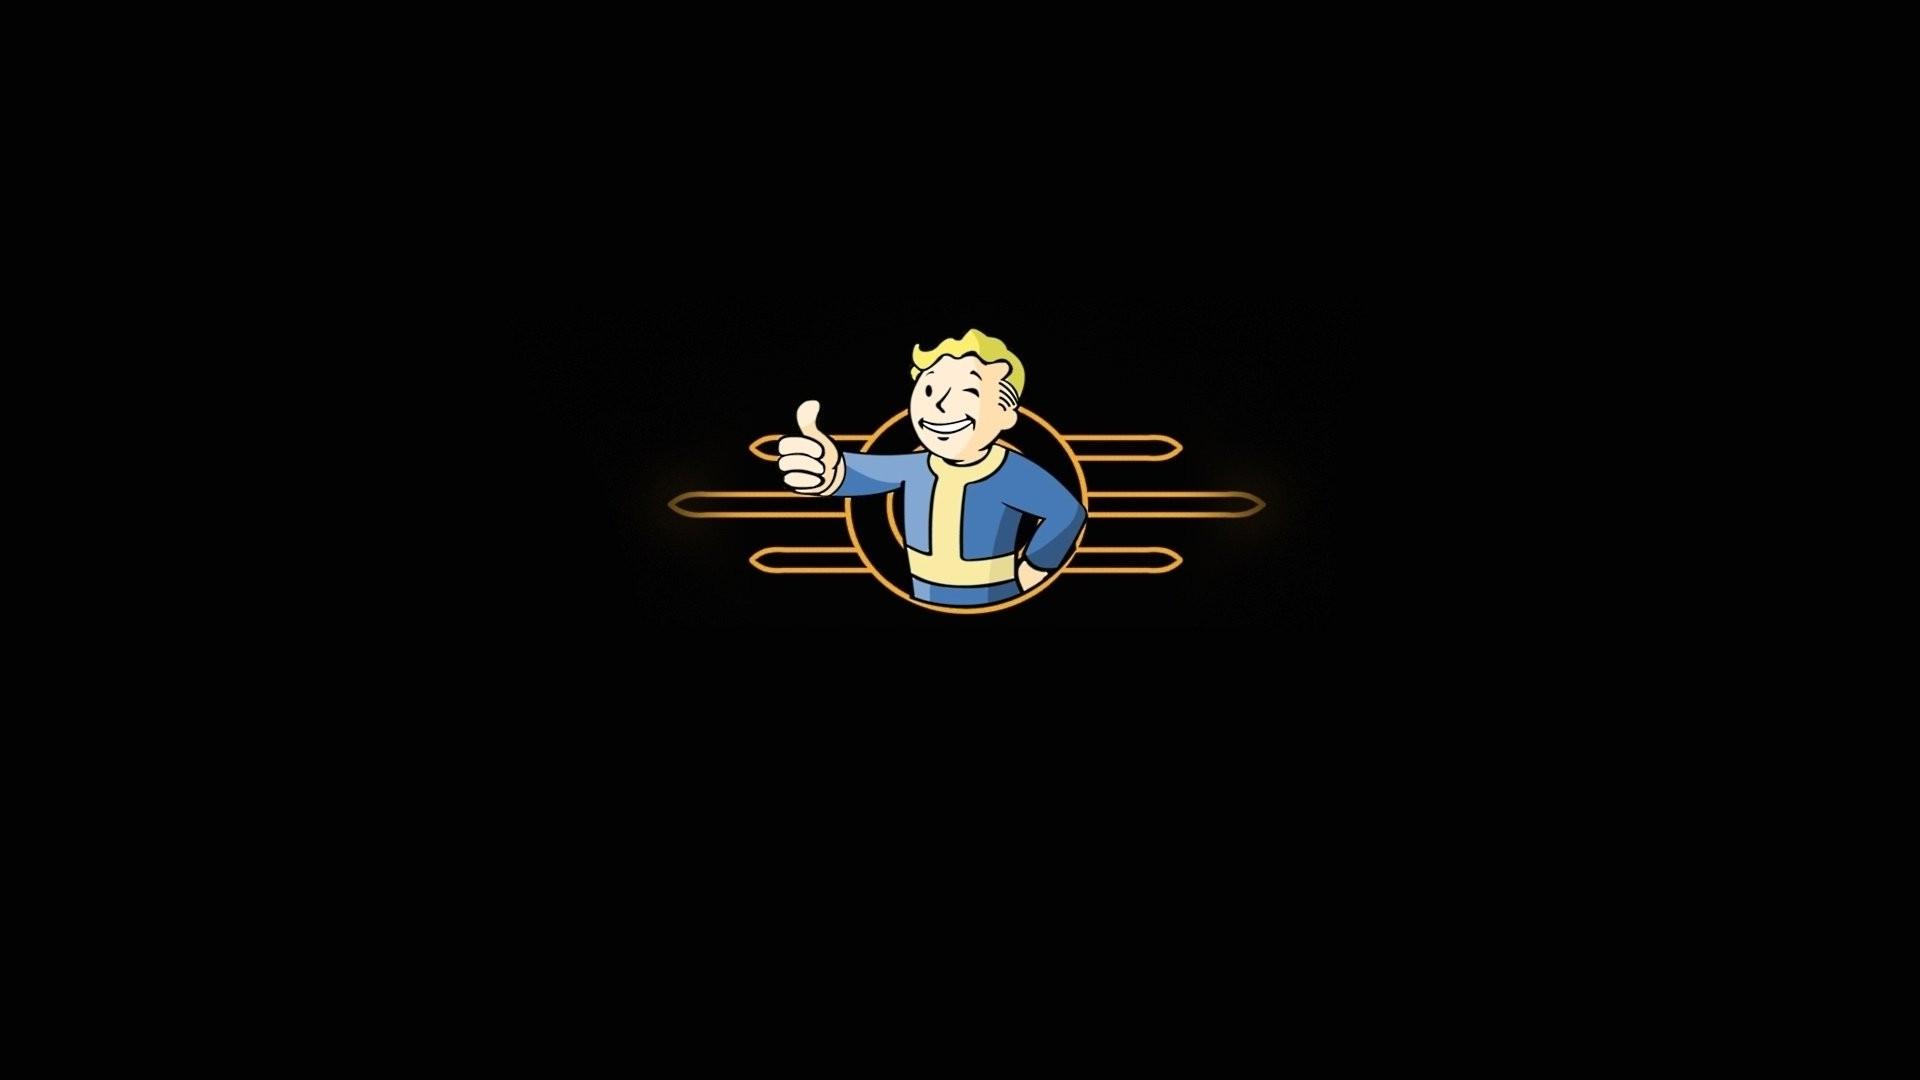 Fallout 3 Vault Boy